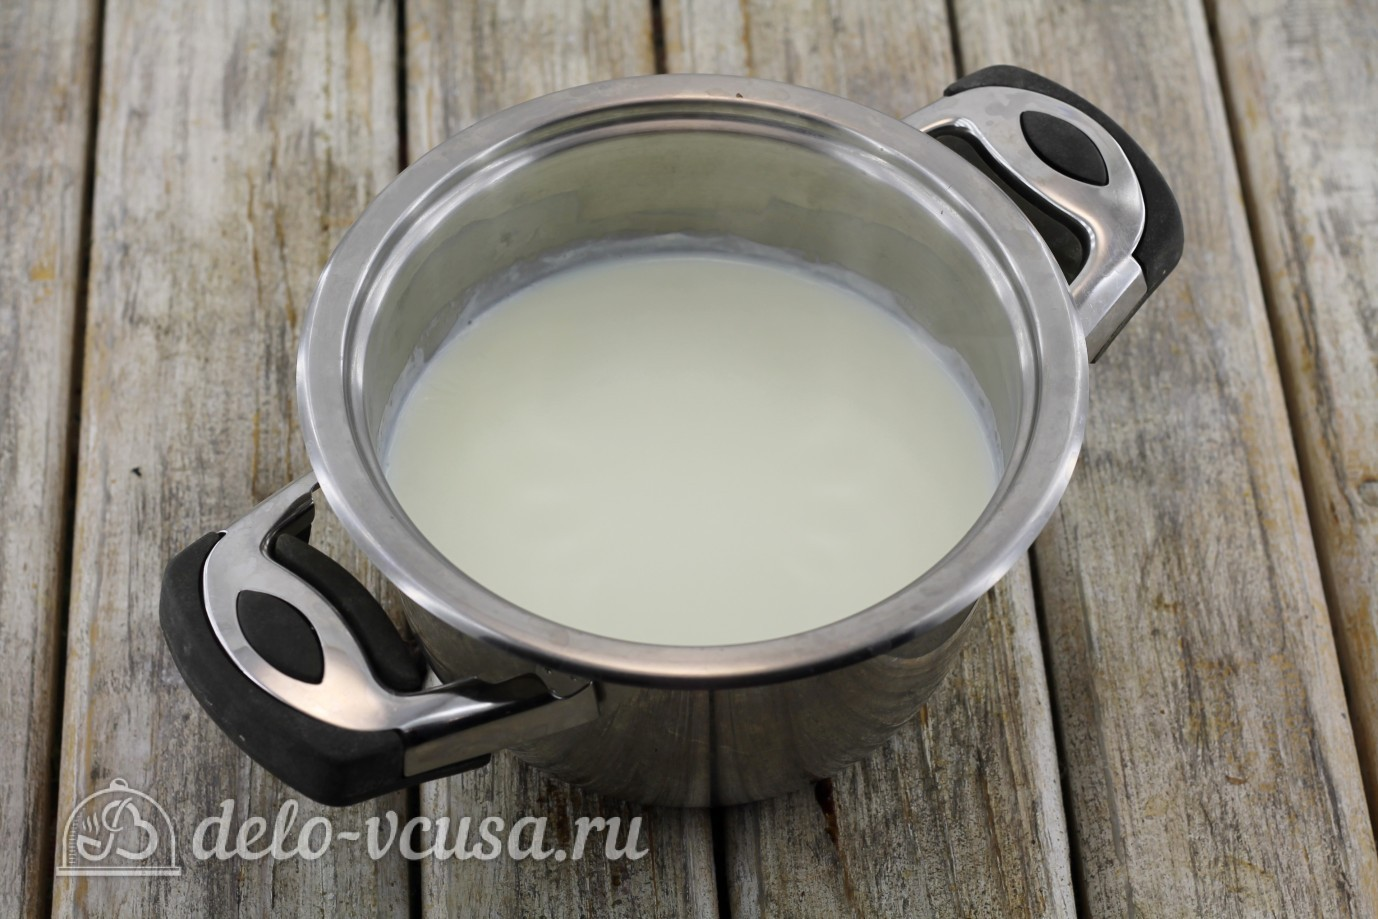 Кефир из молока в домашних условиях: Молоко подготовить